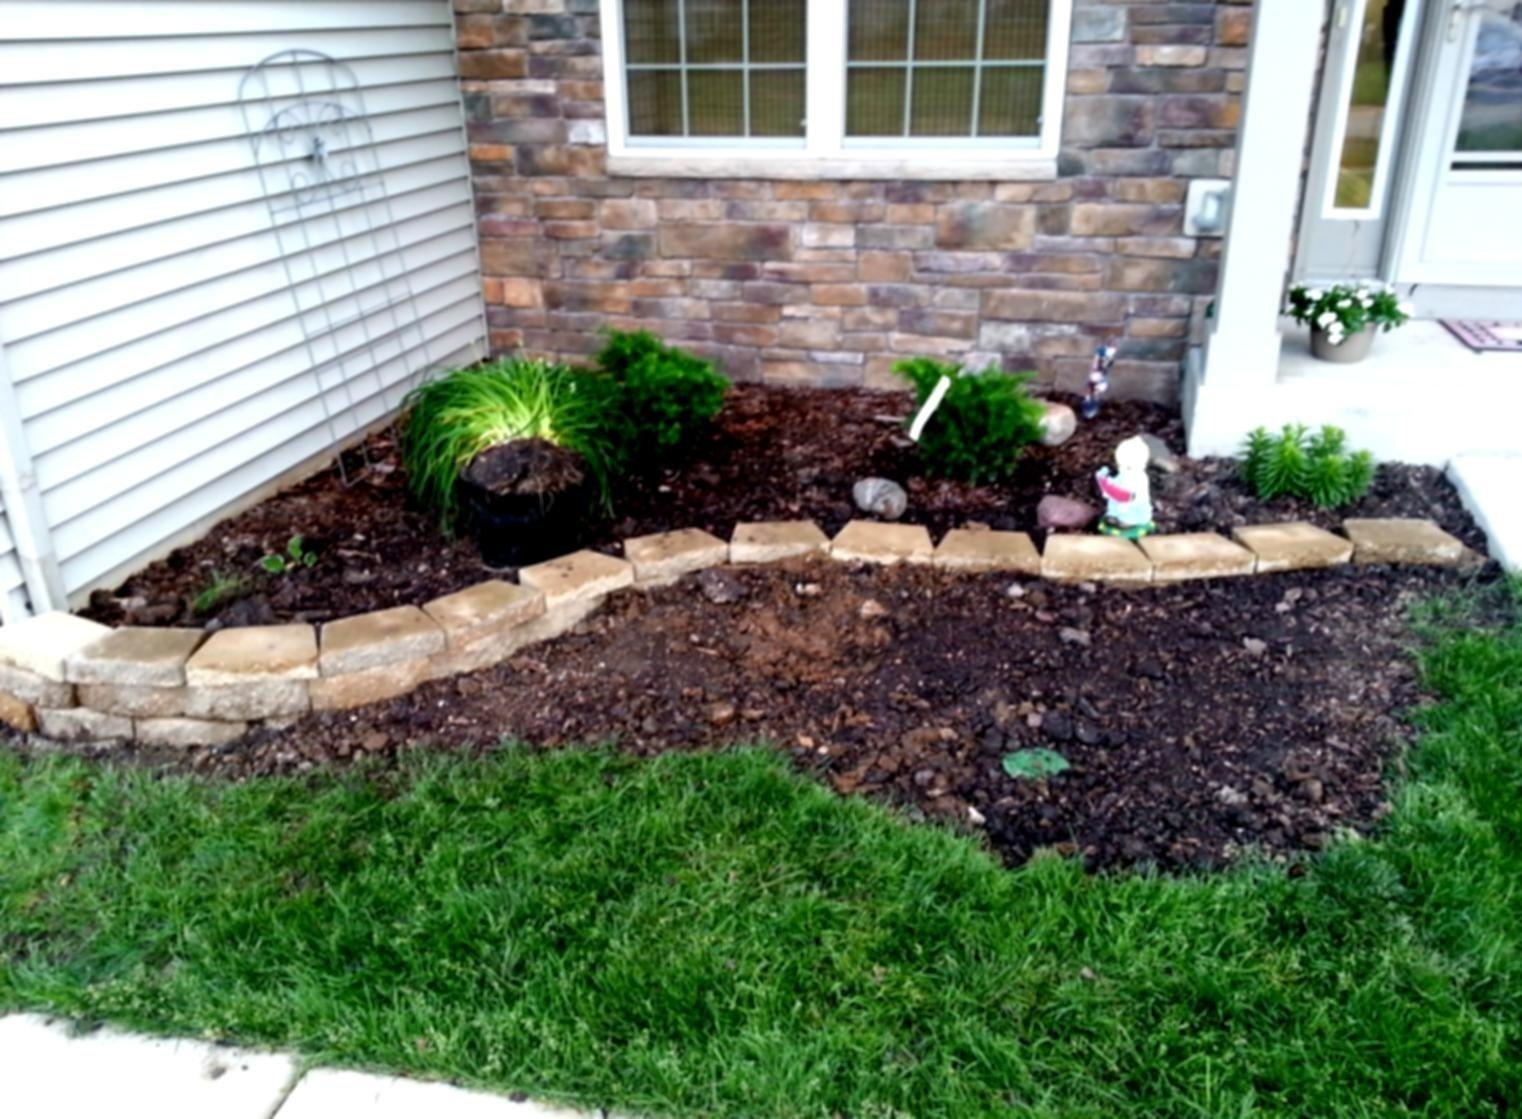 10 Famous Landscape Ideas On A Budget diy front yard landscaping ideas on a budget for landscape in ranch 2021